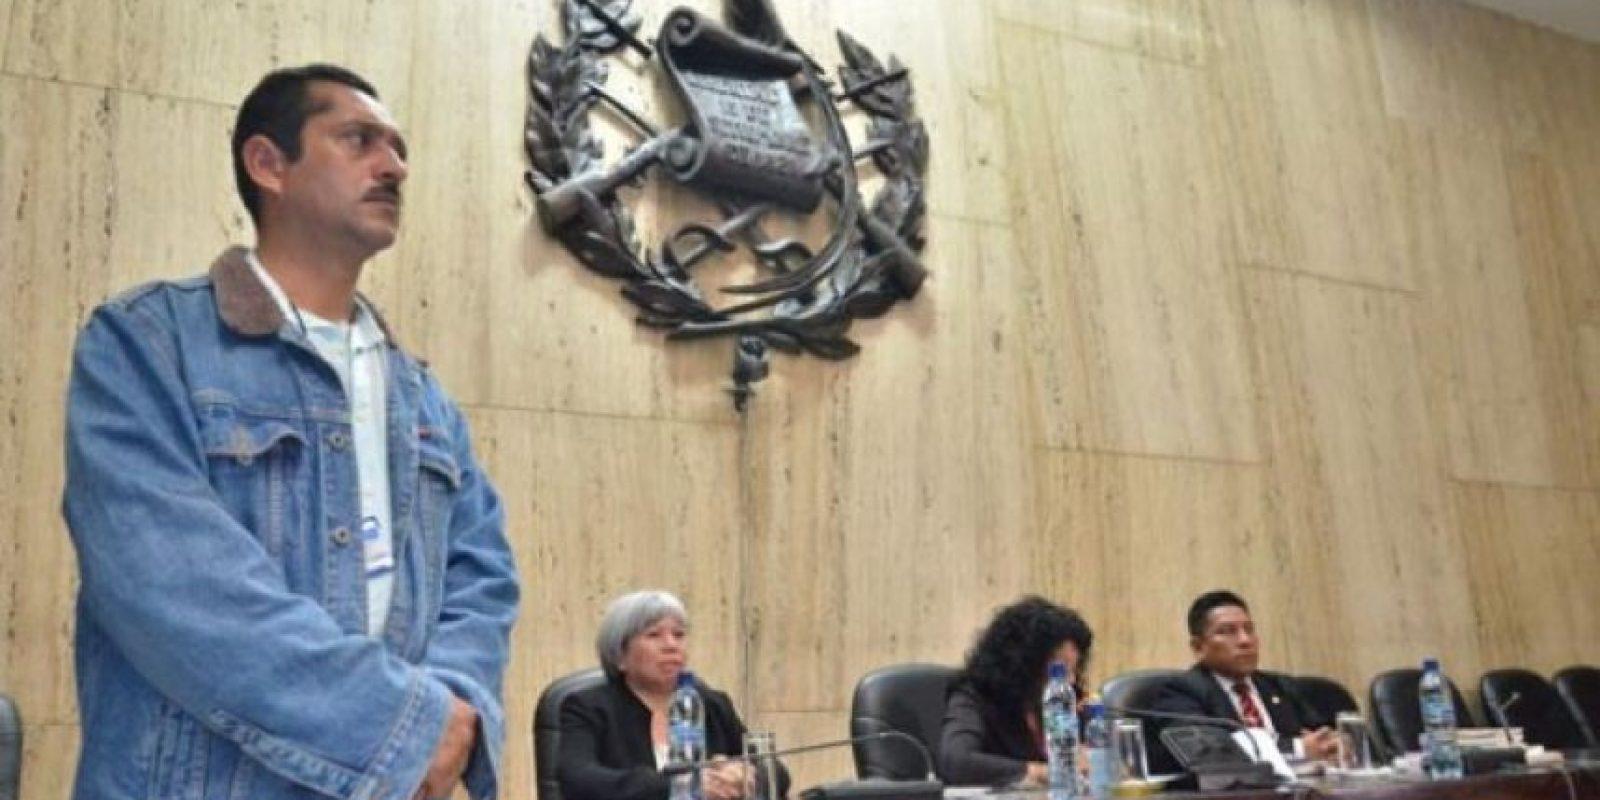 Los jueces tuvieron seguridad especial durante la lectura de la condena.